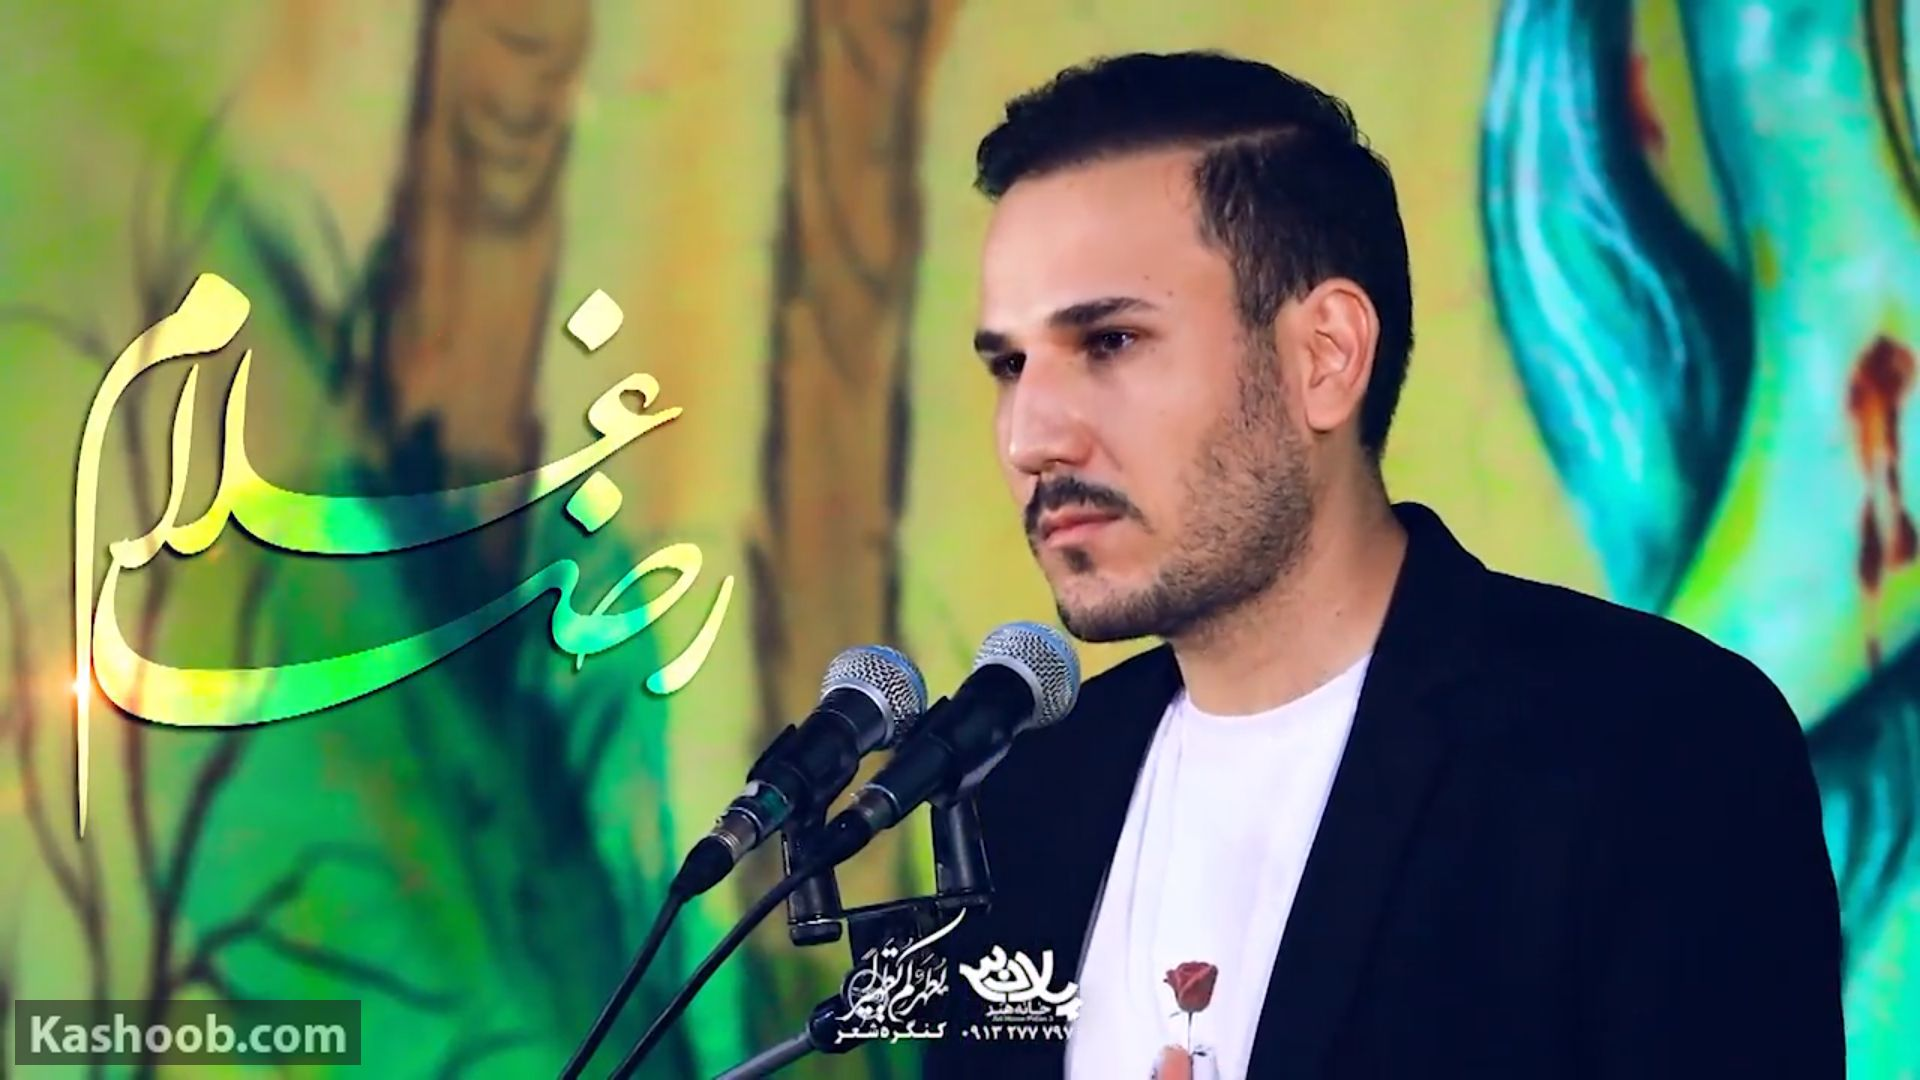 محمد حسین ملکیان مناجات با امام رضا (ع)